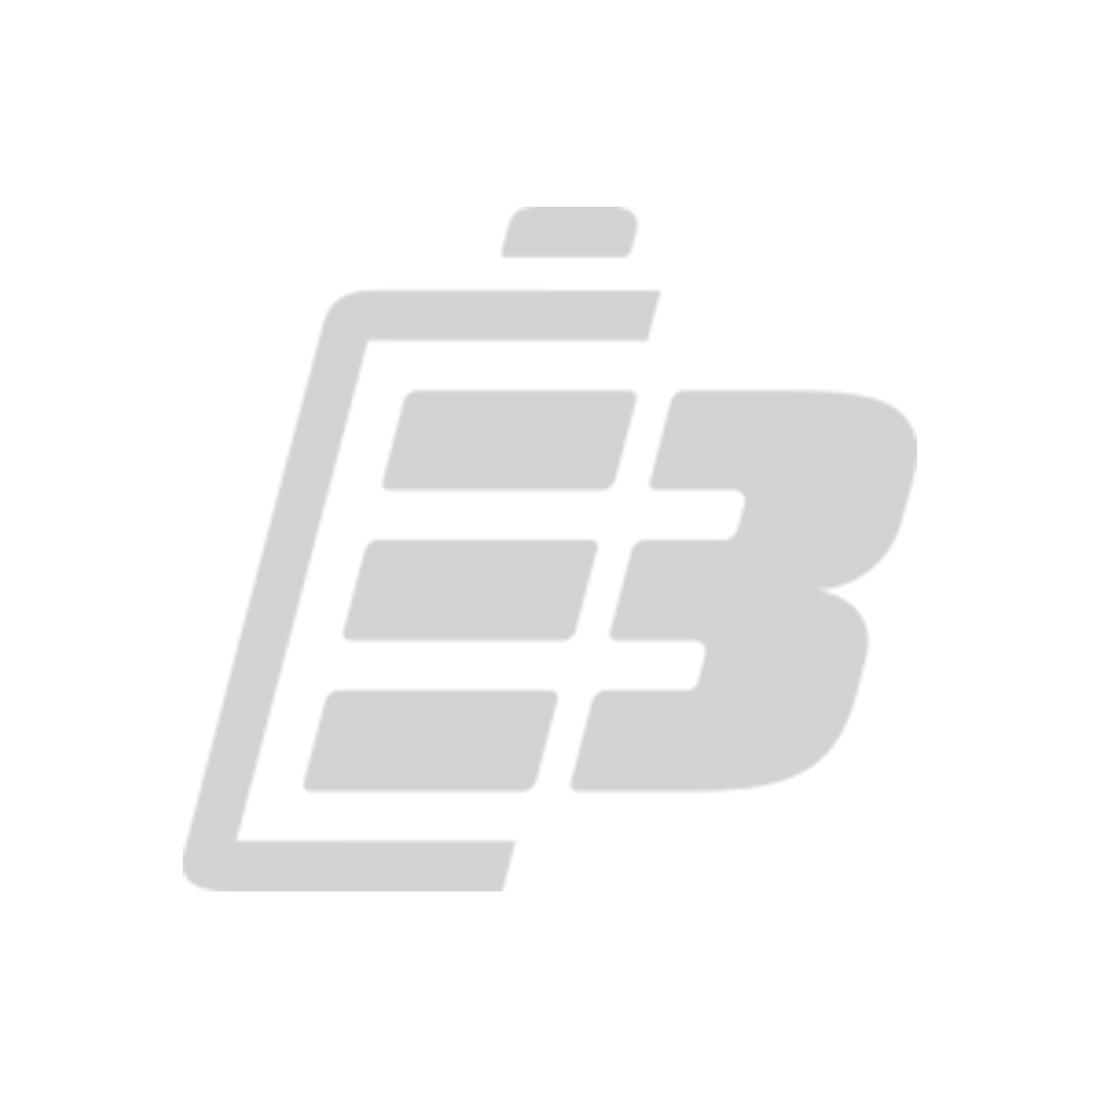 multipower lead acid battery 4v 4 5ah. Black Bedroom Furniture Sets. Home Design Ideas